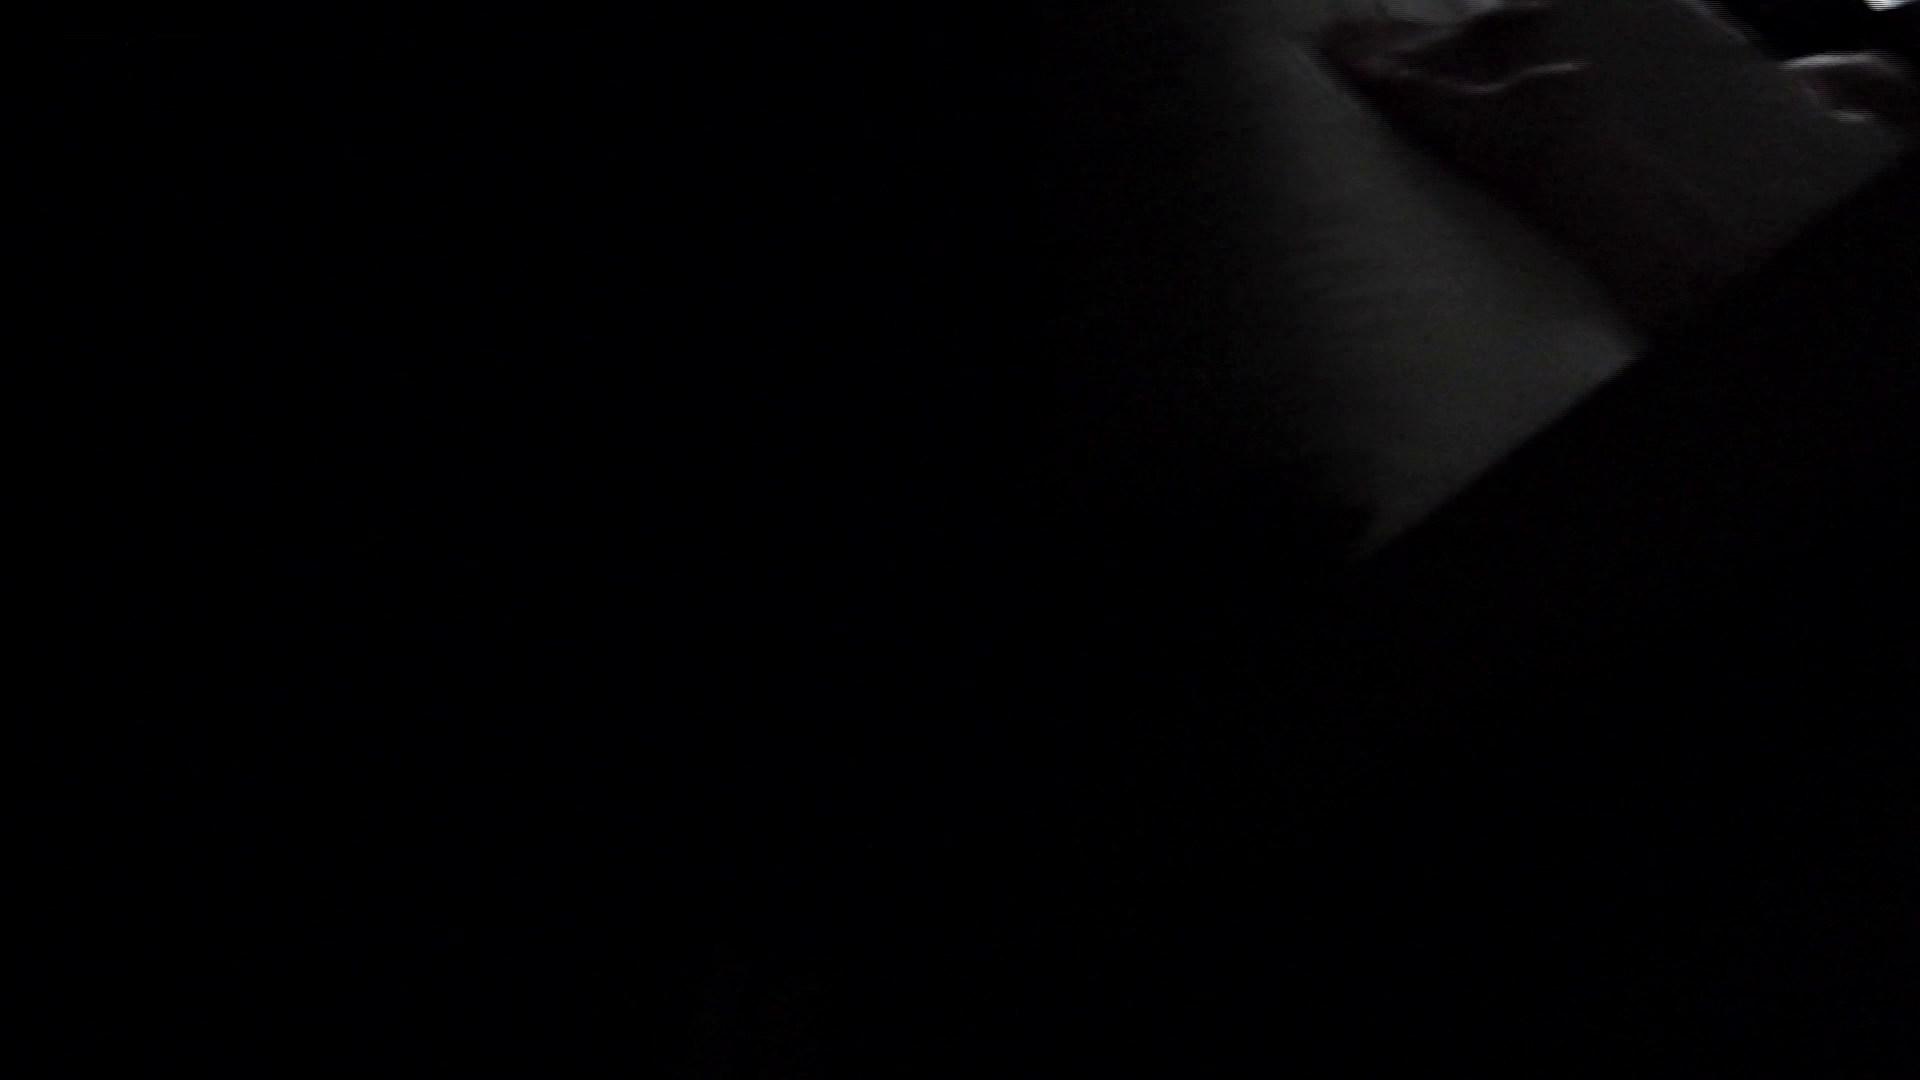 ヒトニアラヅNo.01 侵入 高画質 濡れ場動画紹介 68画像 18